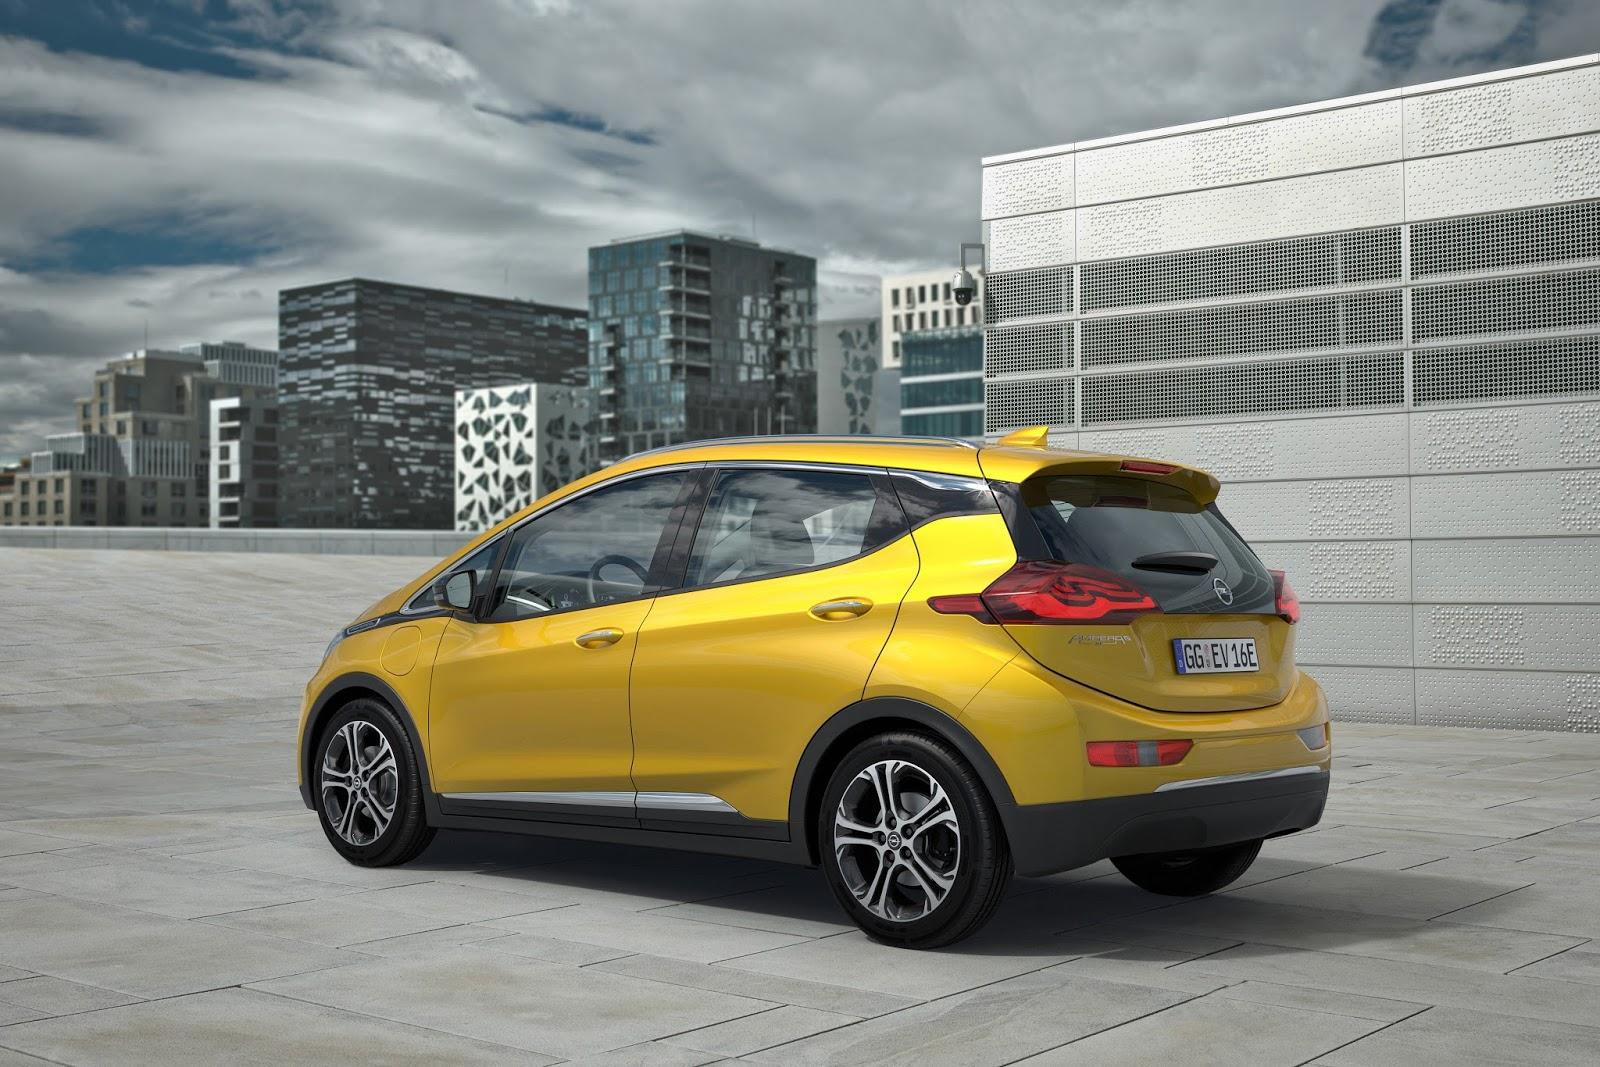 Opel Ampera e 303297 Το Opel Ampera-e διανύει μέχρι 150 km με μια φόρτιση 30 λεπτών Electric cars, Opel, Opel Ampera, Opel Ampera-e, Τεχνολογία